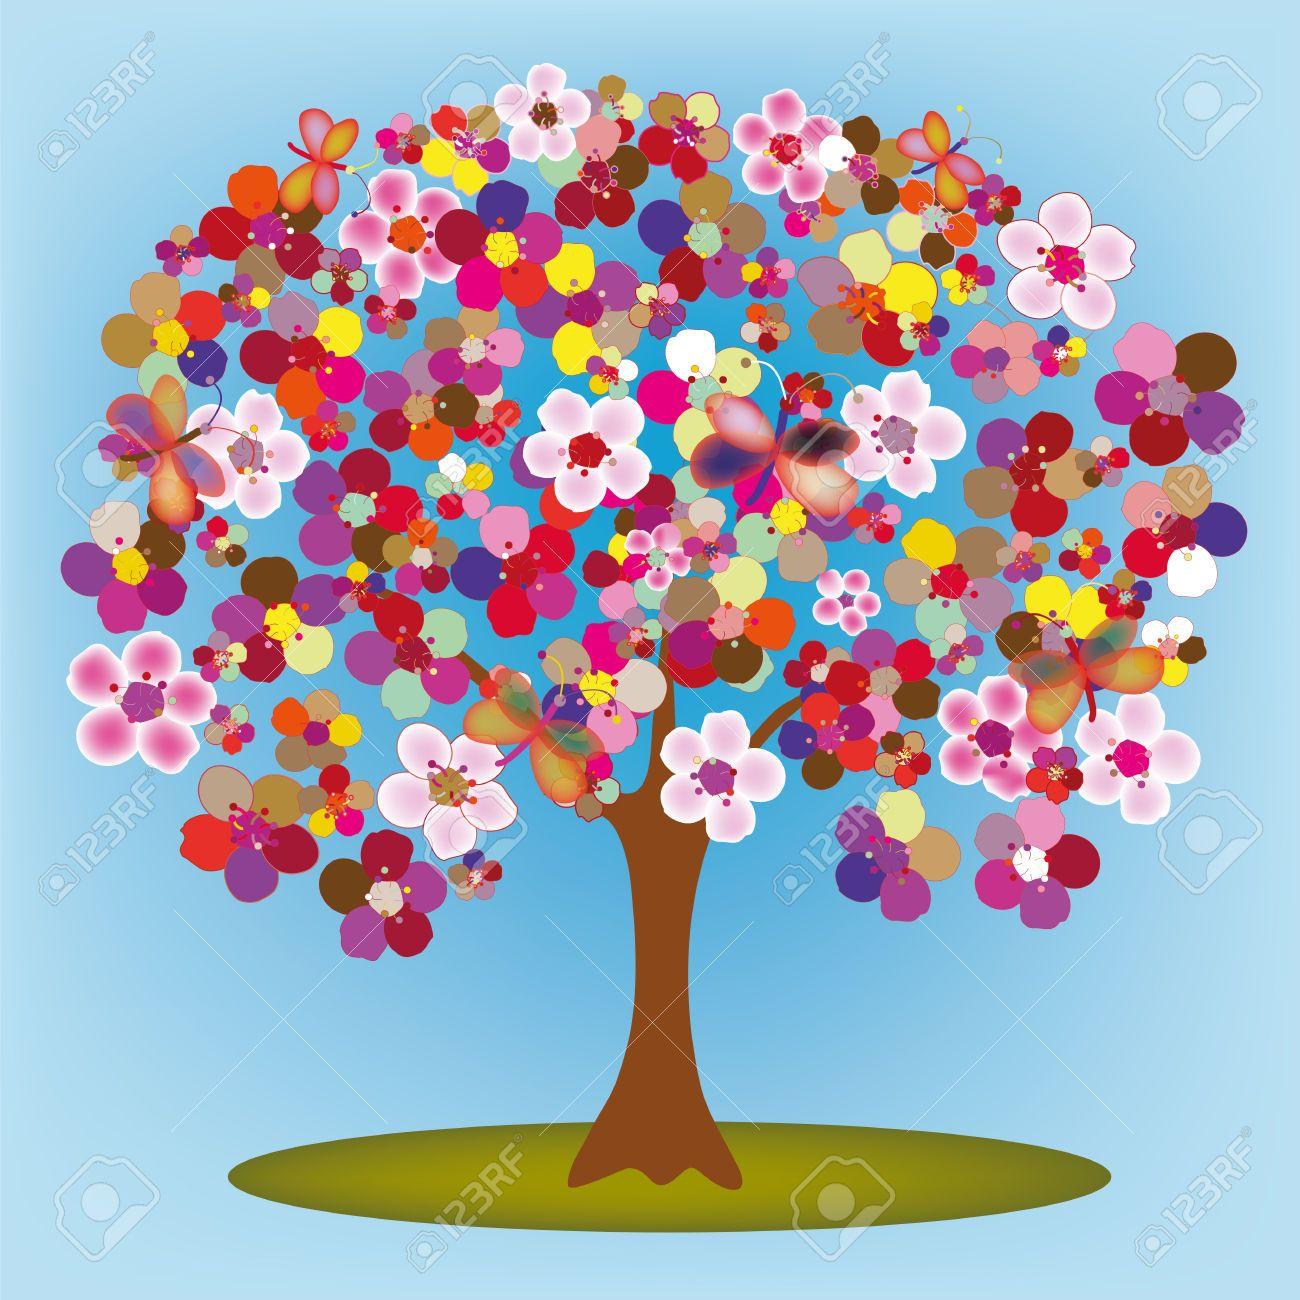 Rbol Floreciente De Dibujos Animados Con Flores Y Mariposas De Colores Abstractos Arte De La Flor De Loto Arboles De Colores Mariposas De Colores